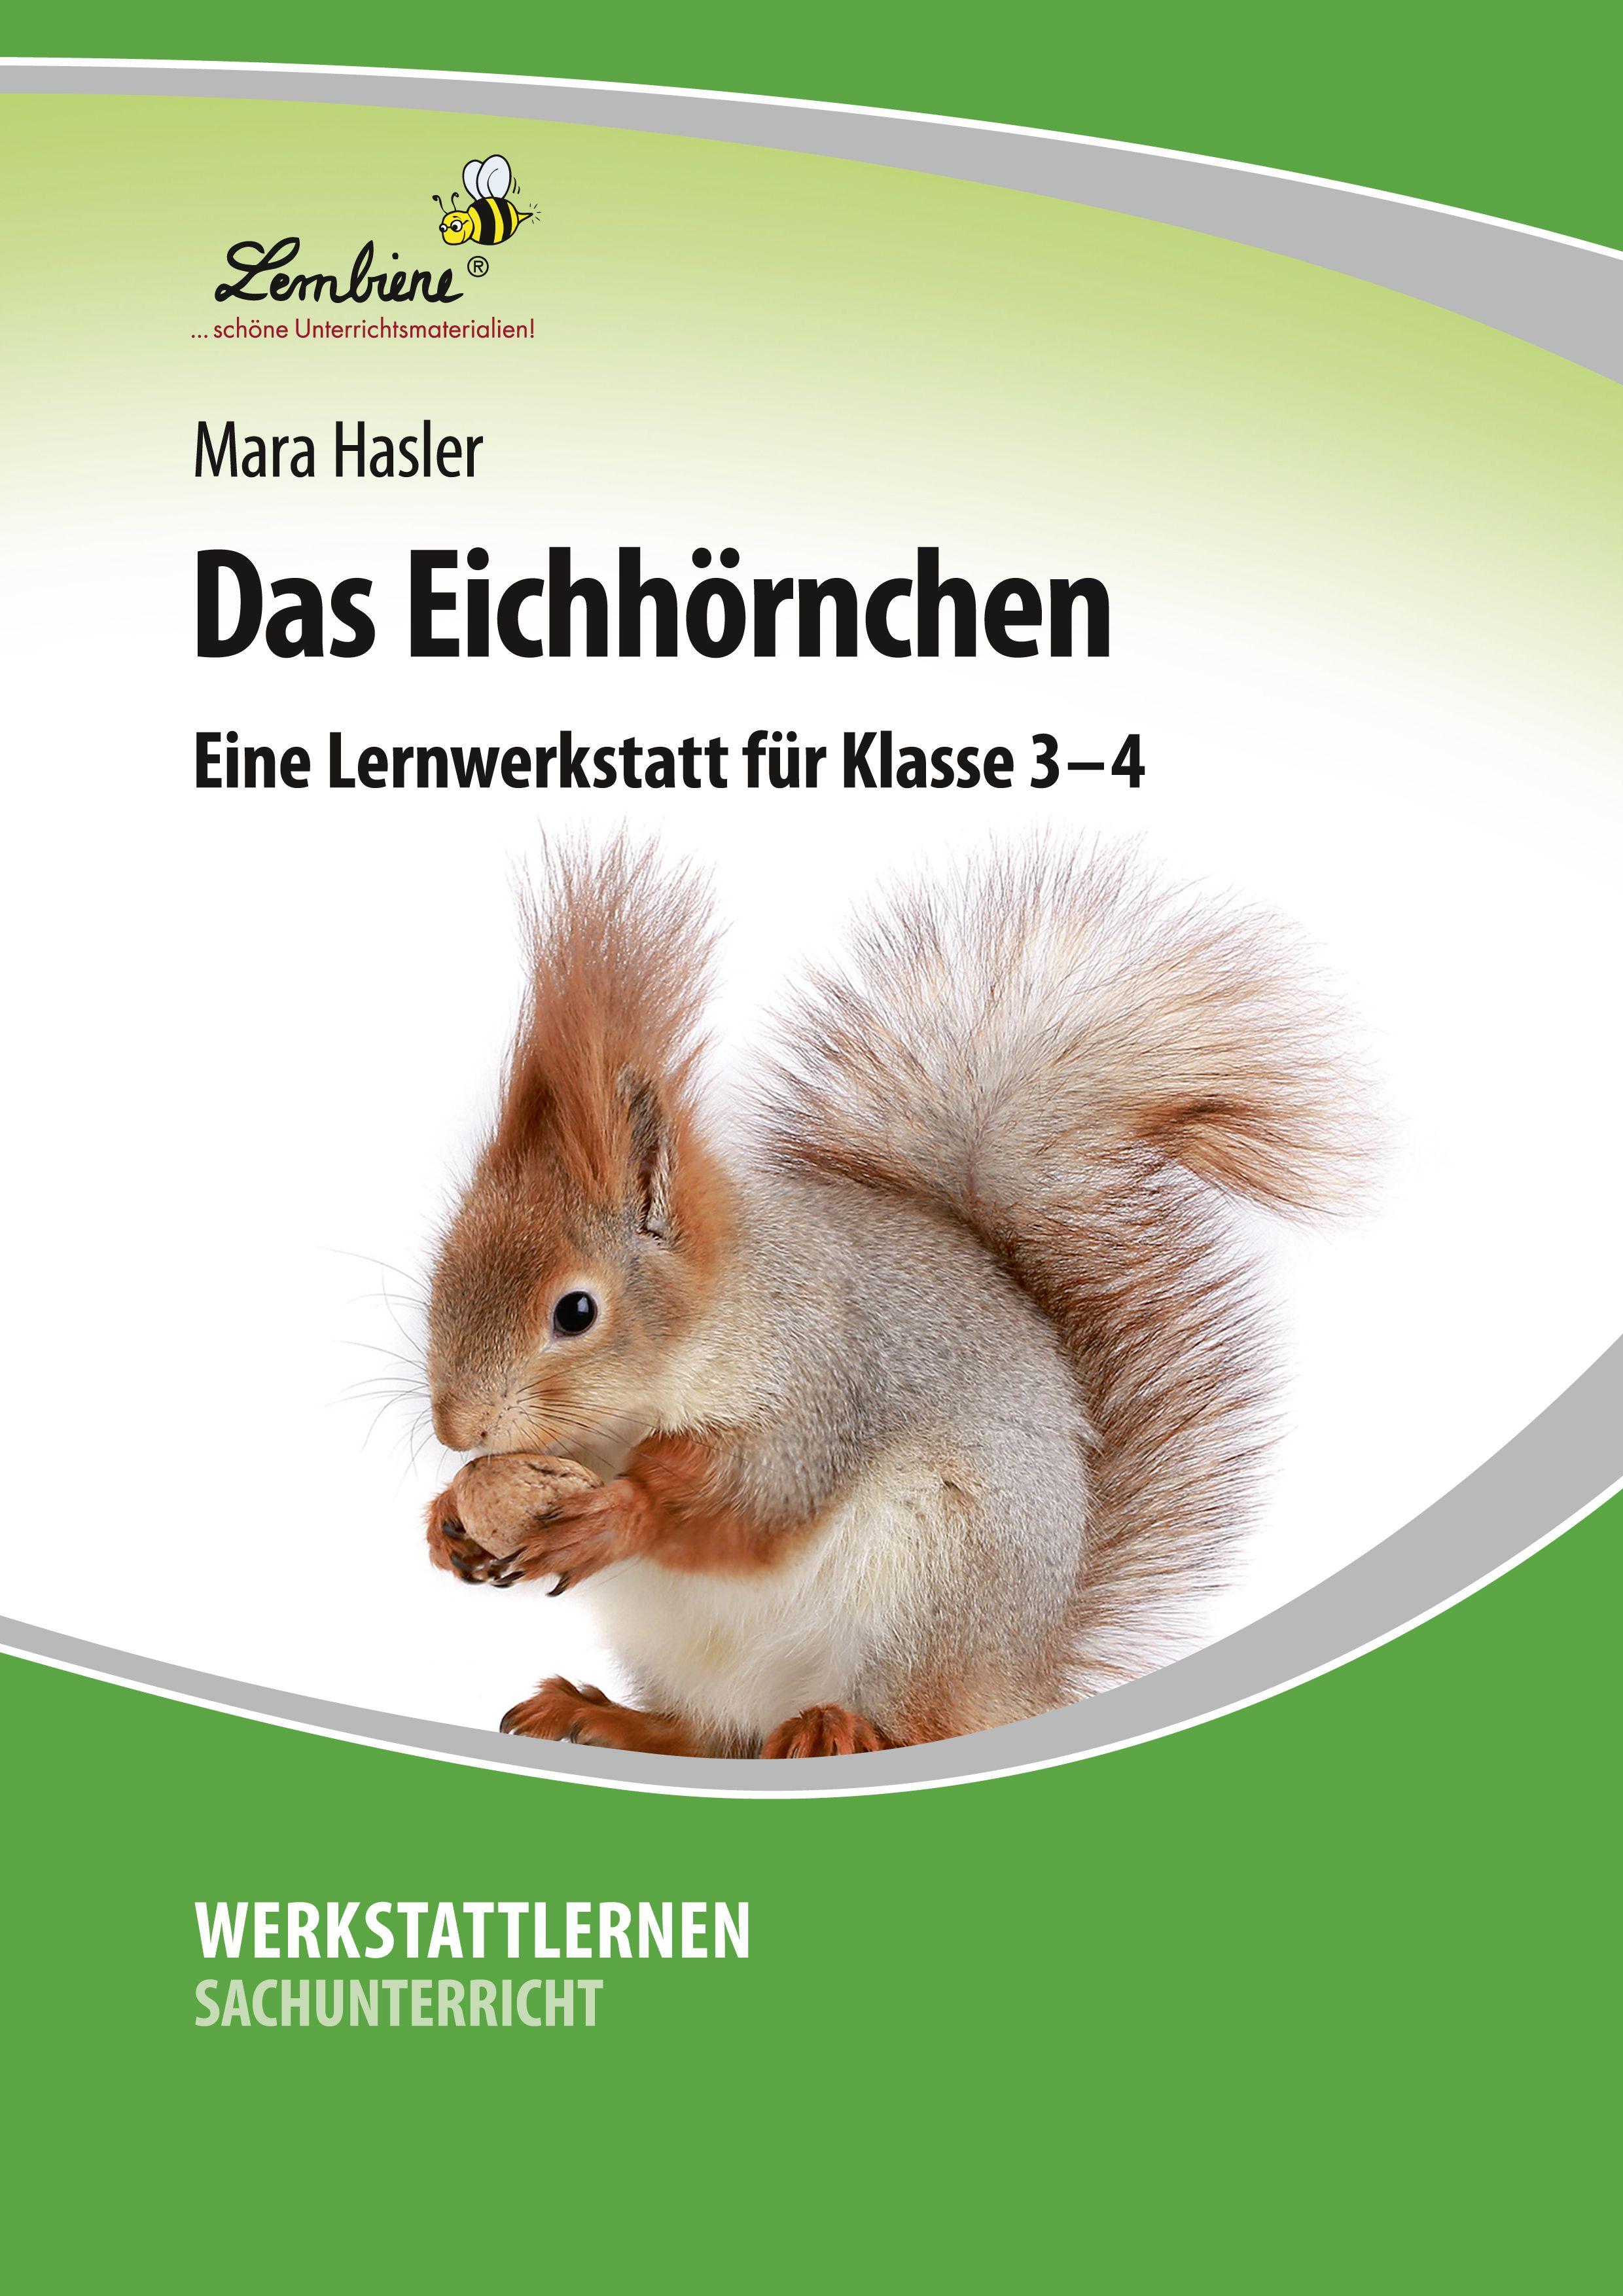 20 Eichhörnchen Ideen   eichhörnchen, sachunterricht grundschule ...